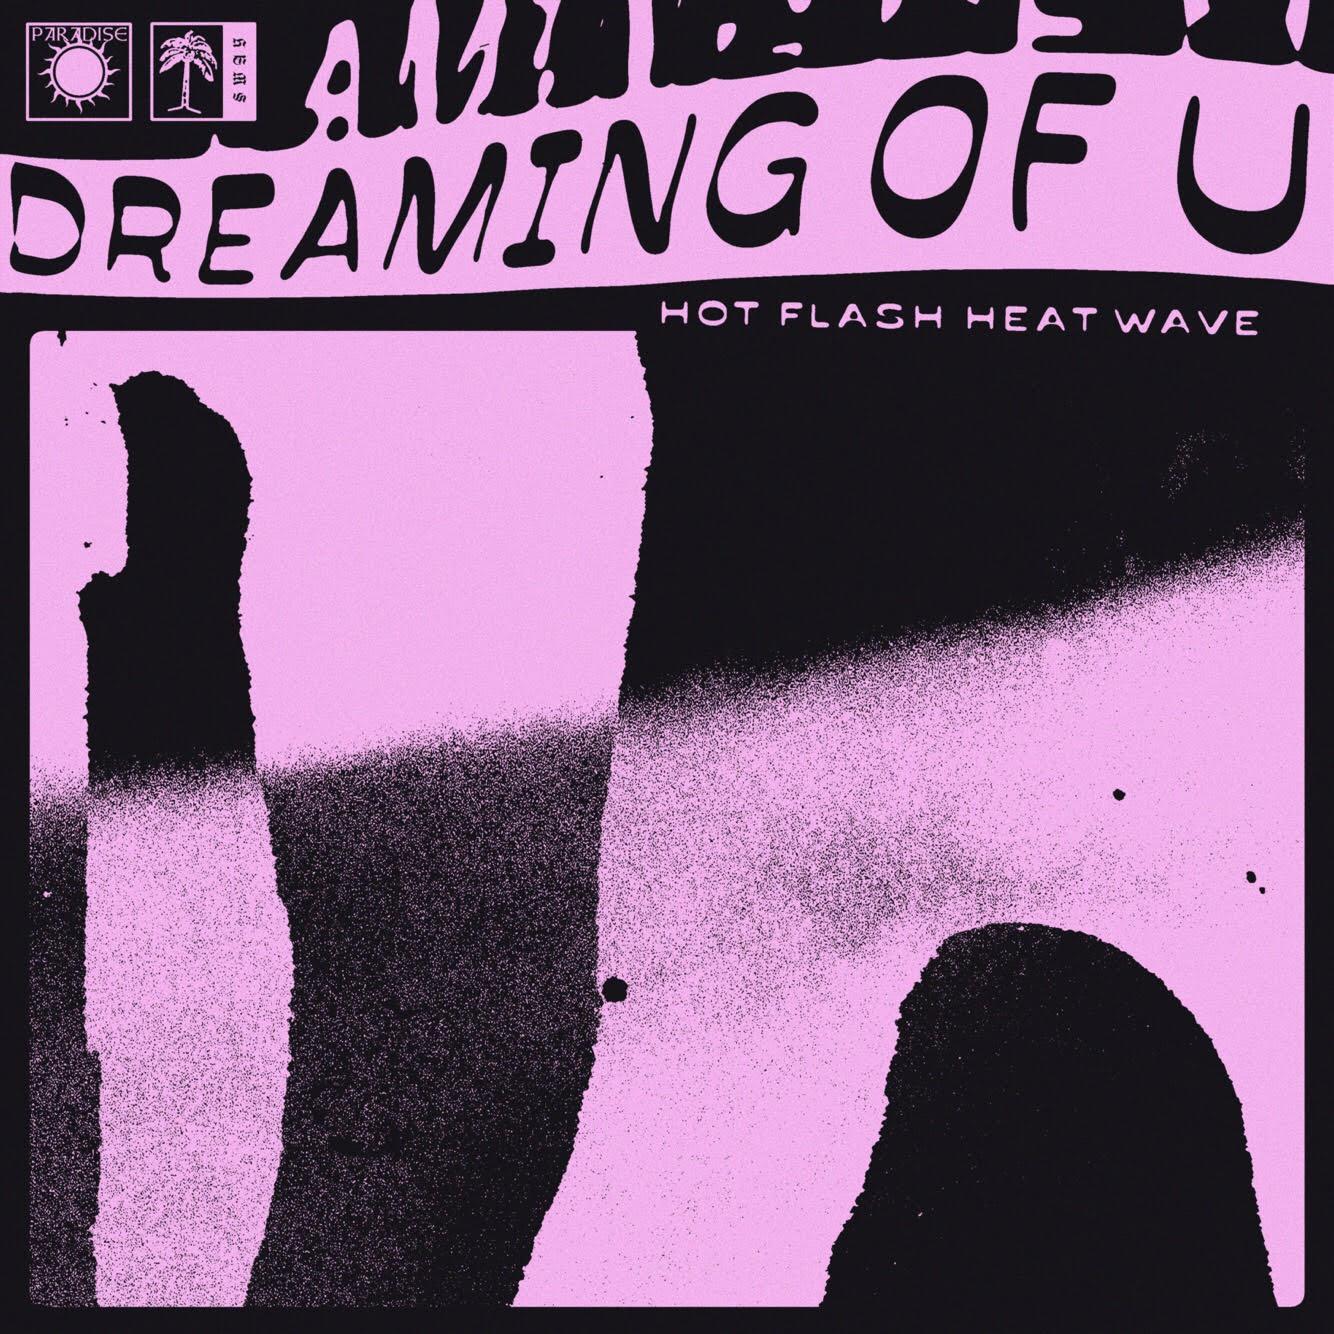 Dreaming of U - Hot Flash Heat Wave ft. Sophie Meiers